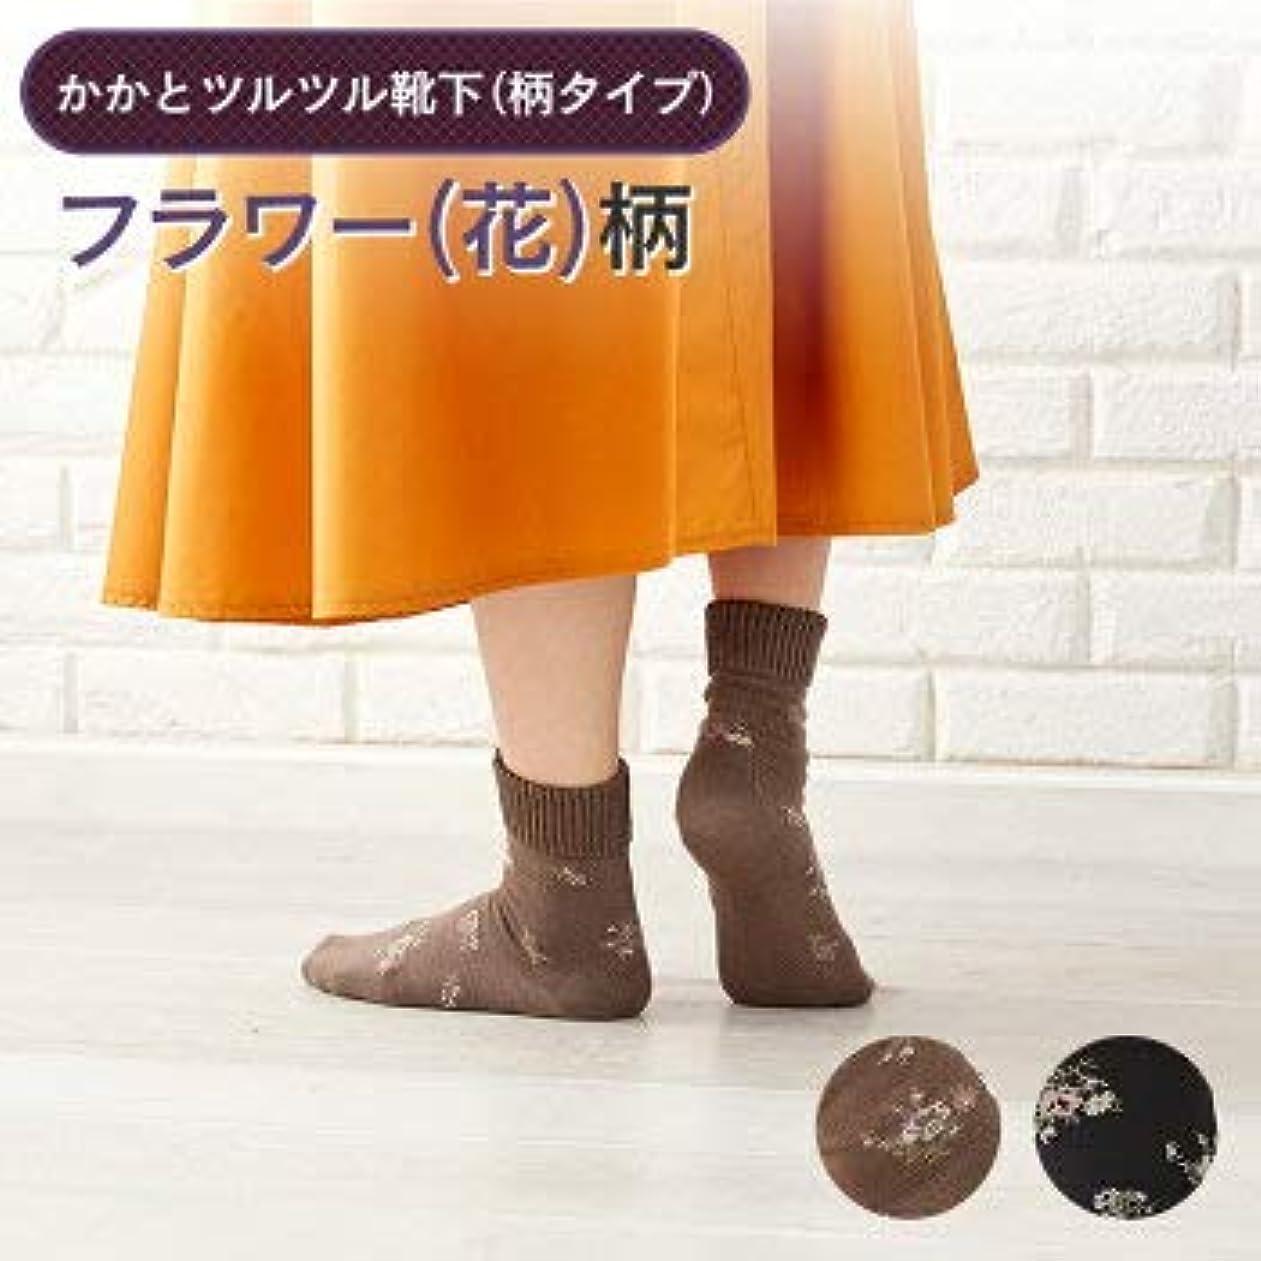 ラグほめる月曜日かかと 角質ケア ひび割れ対策 かかとツルツル靴下 花柄 ブラウン 23-25cm 太陽ニット 744